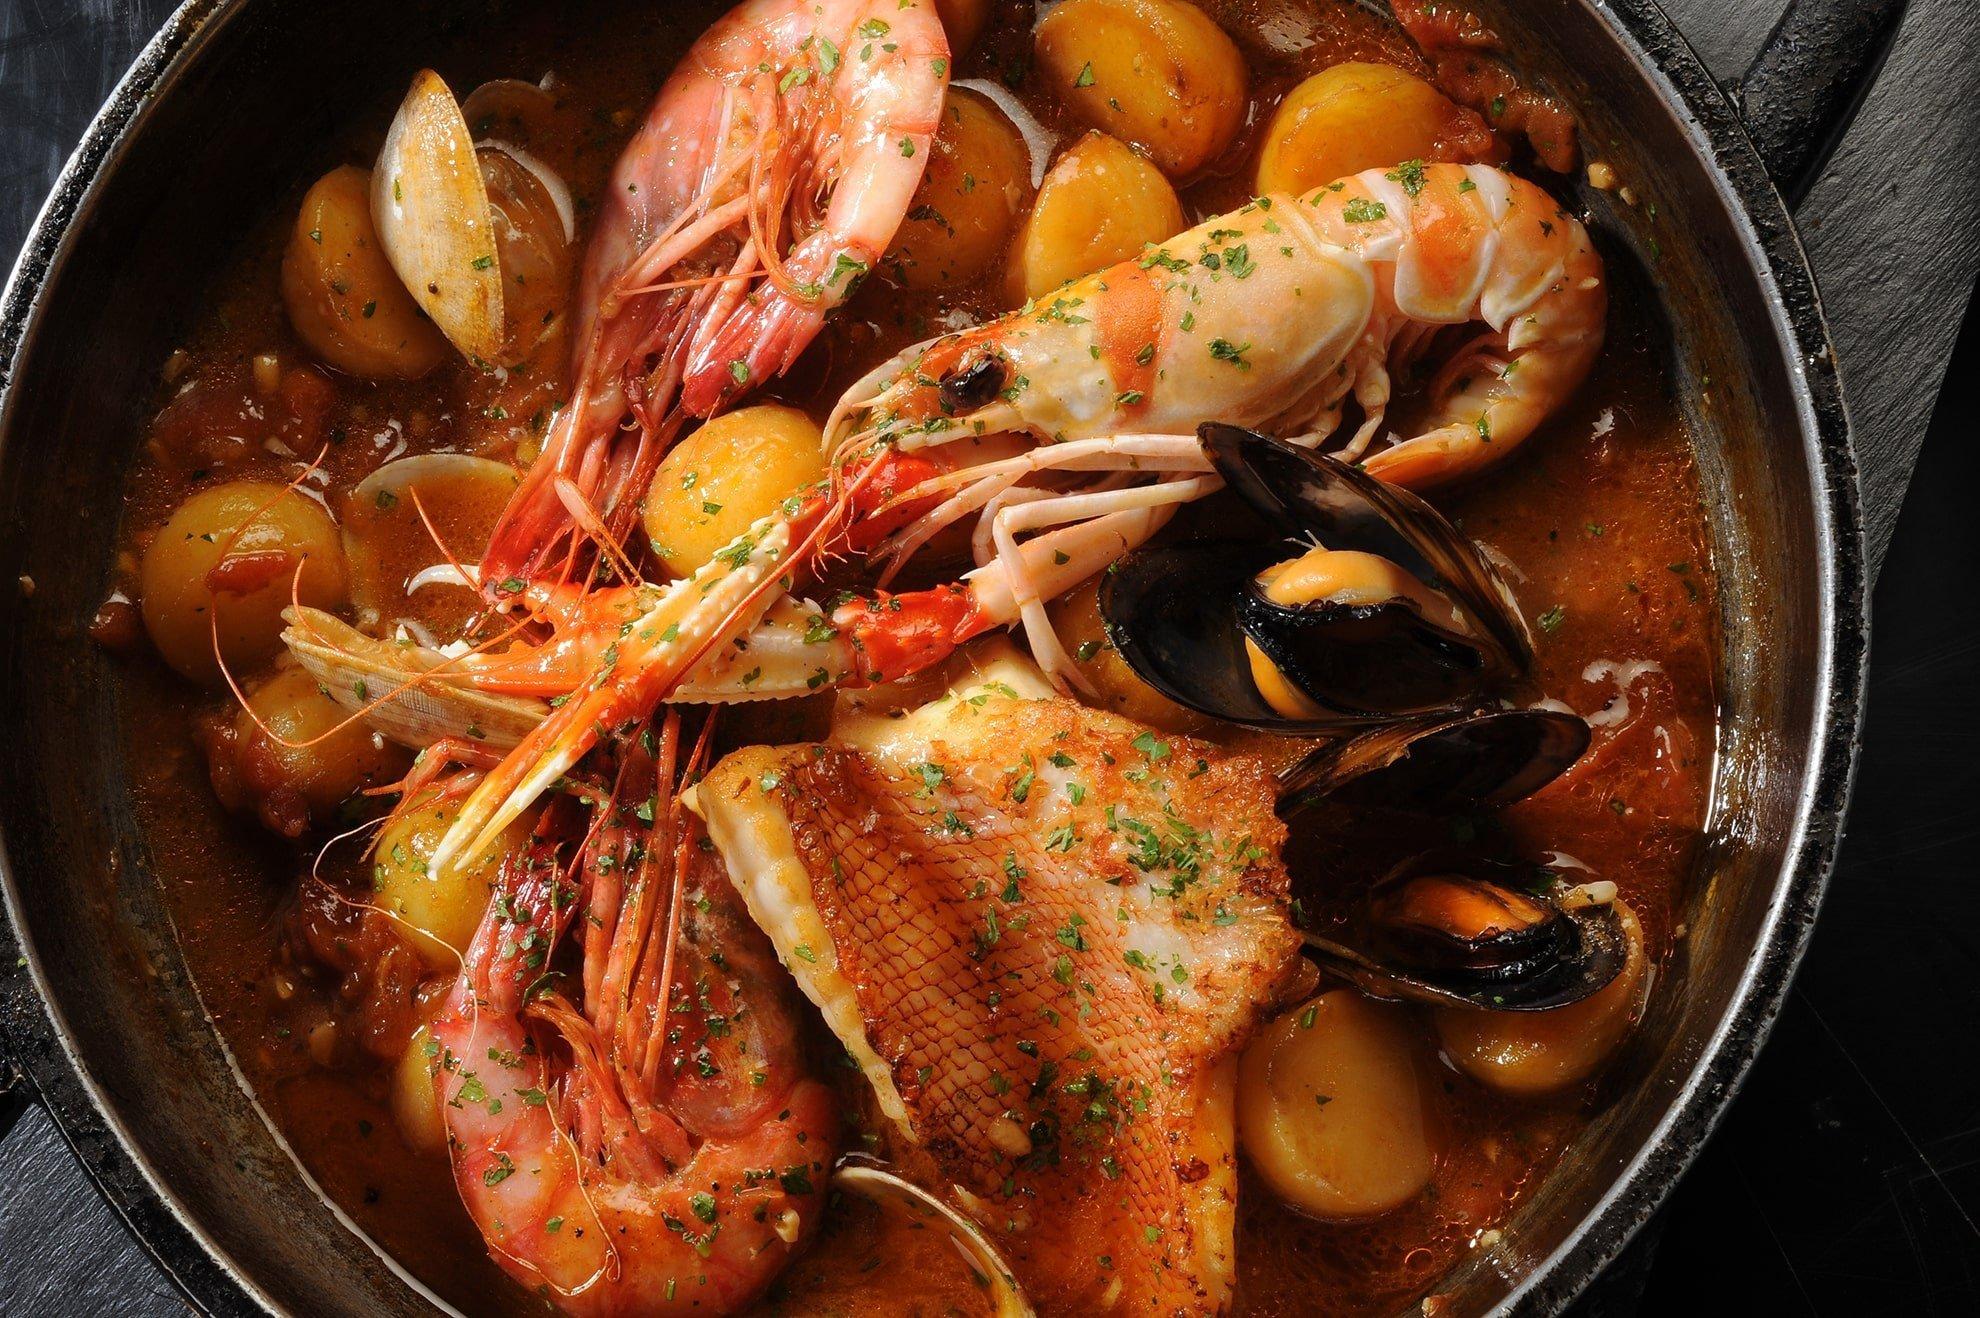 Suquet de peix da servire